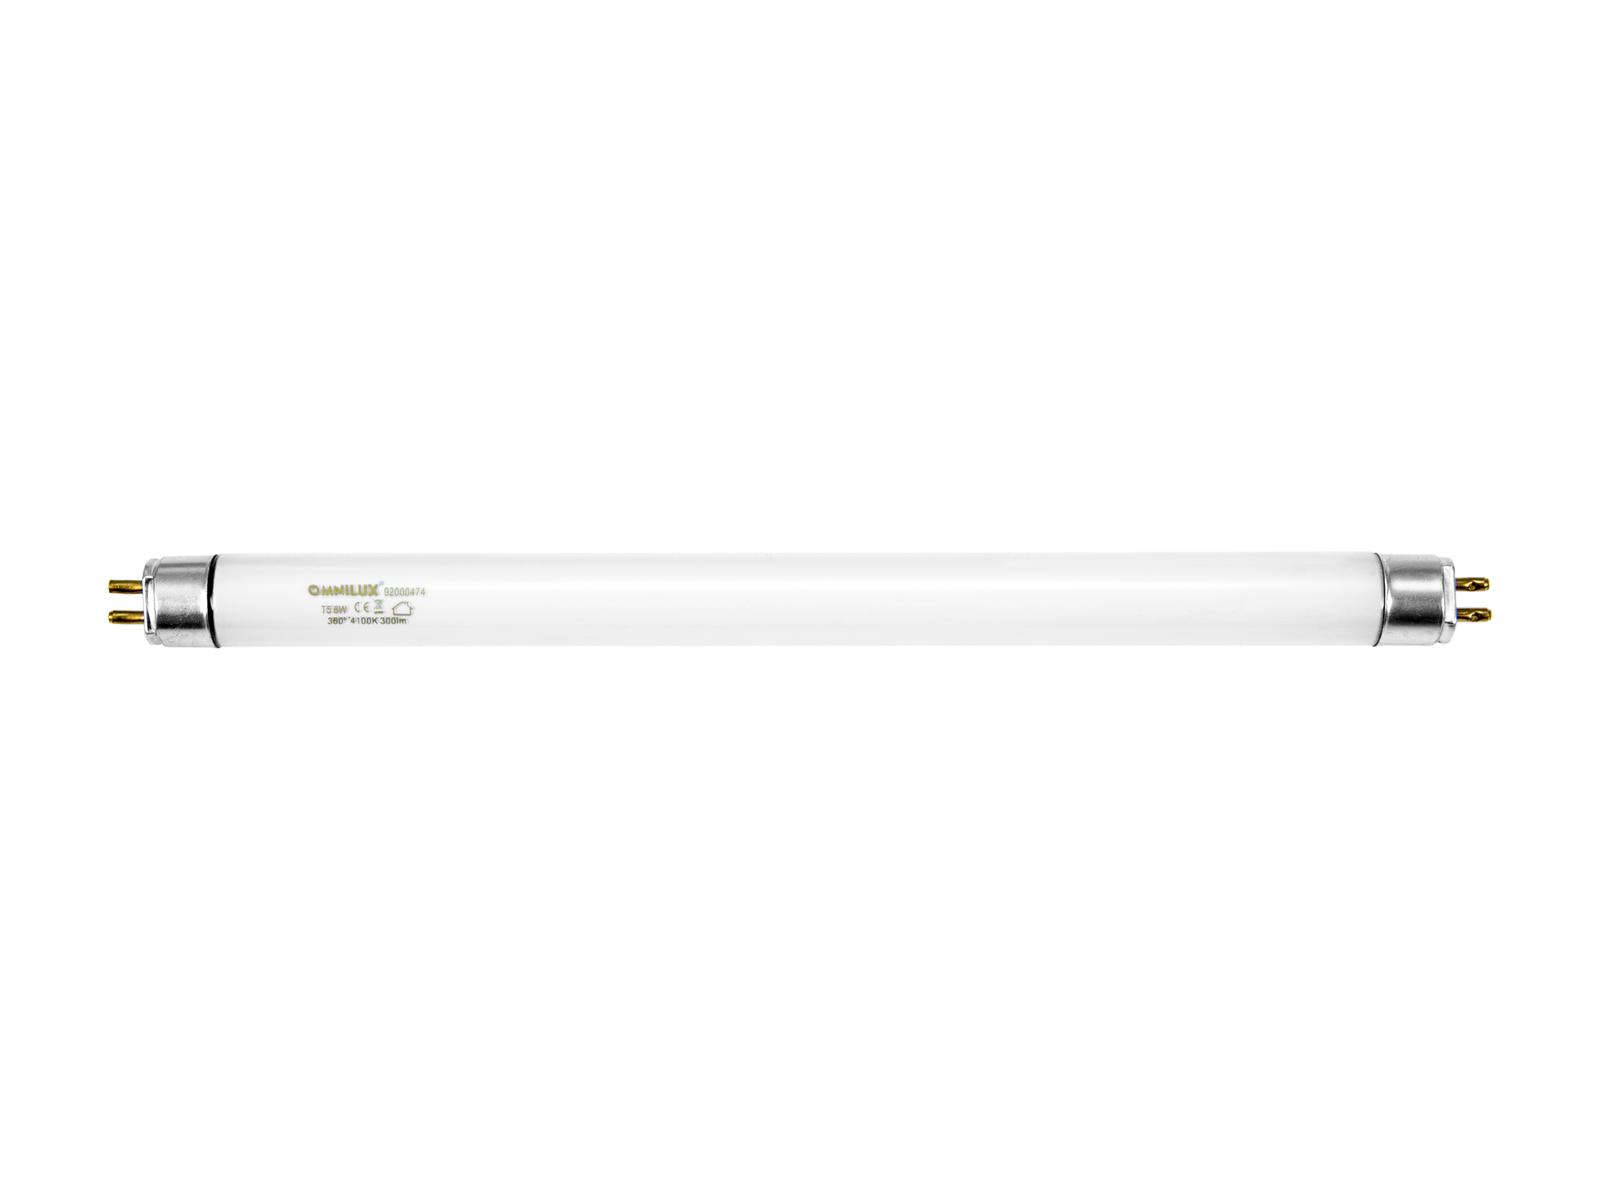 OMNILUX Tubo 6W G5 211mm T5 6400K